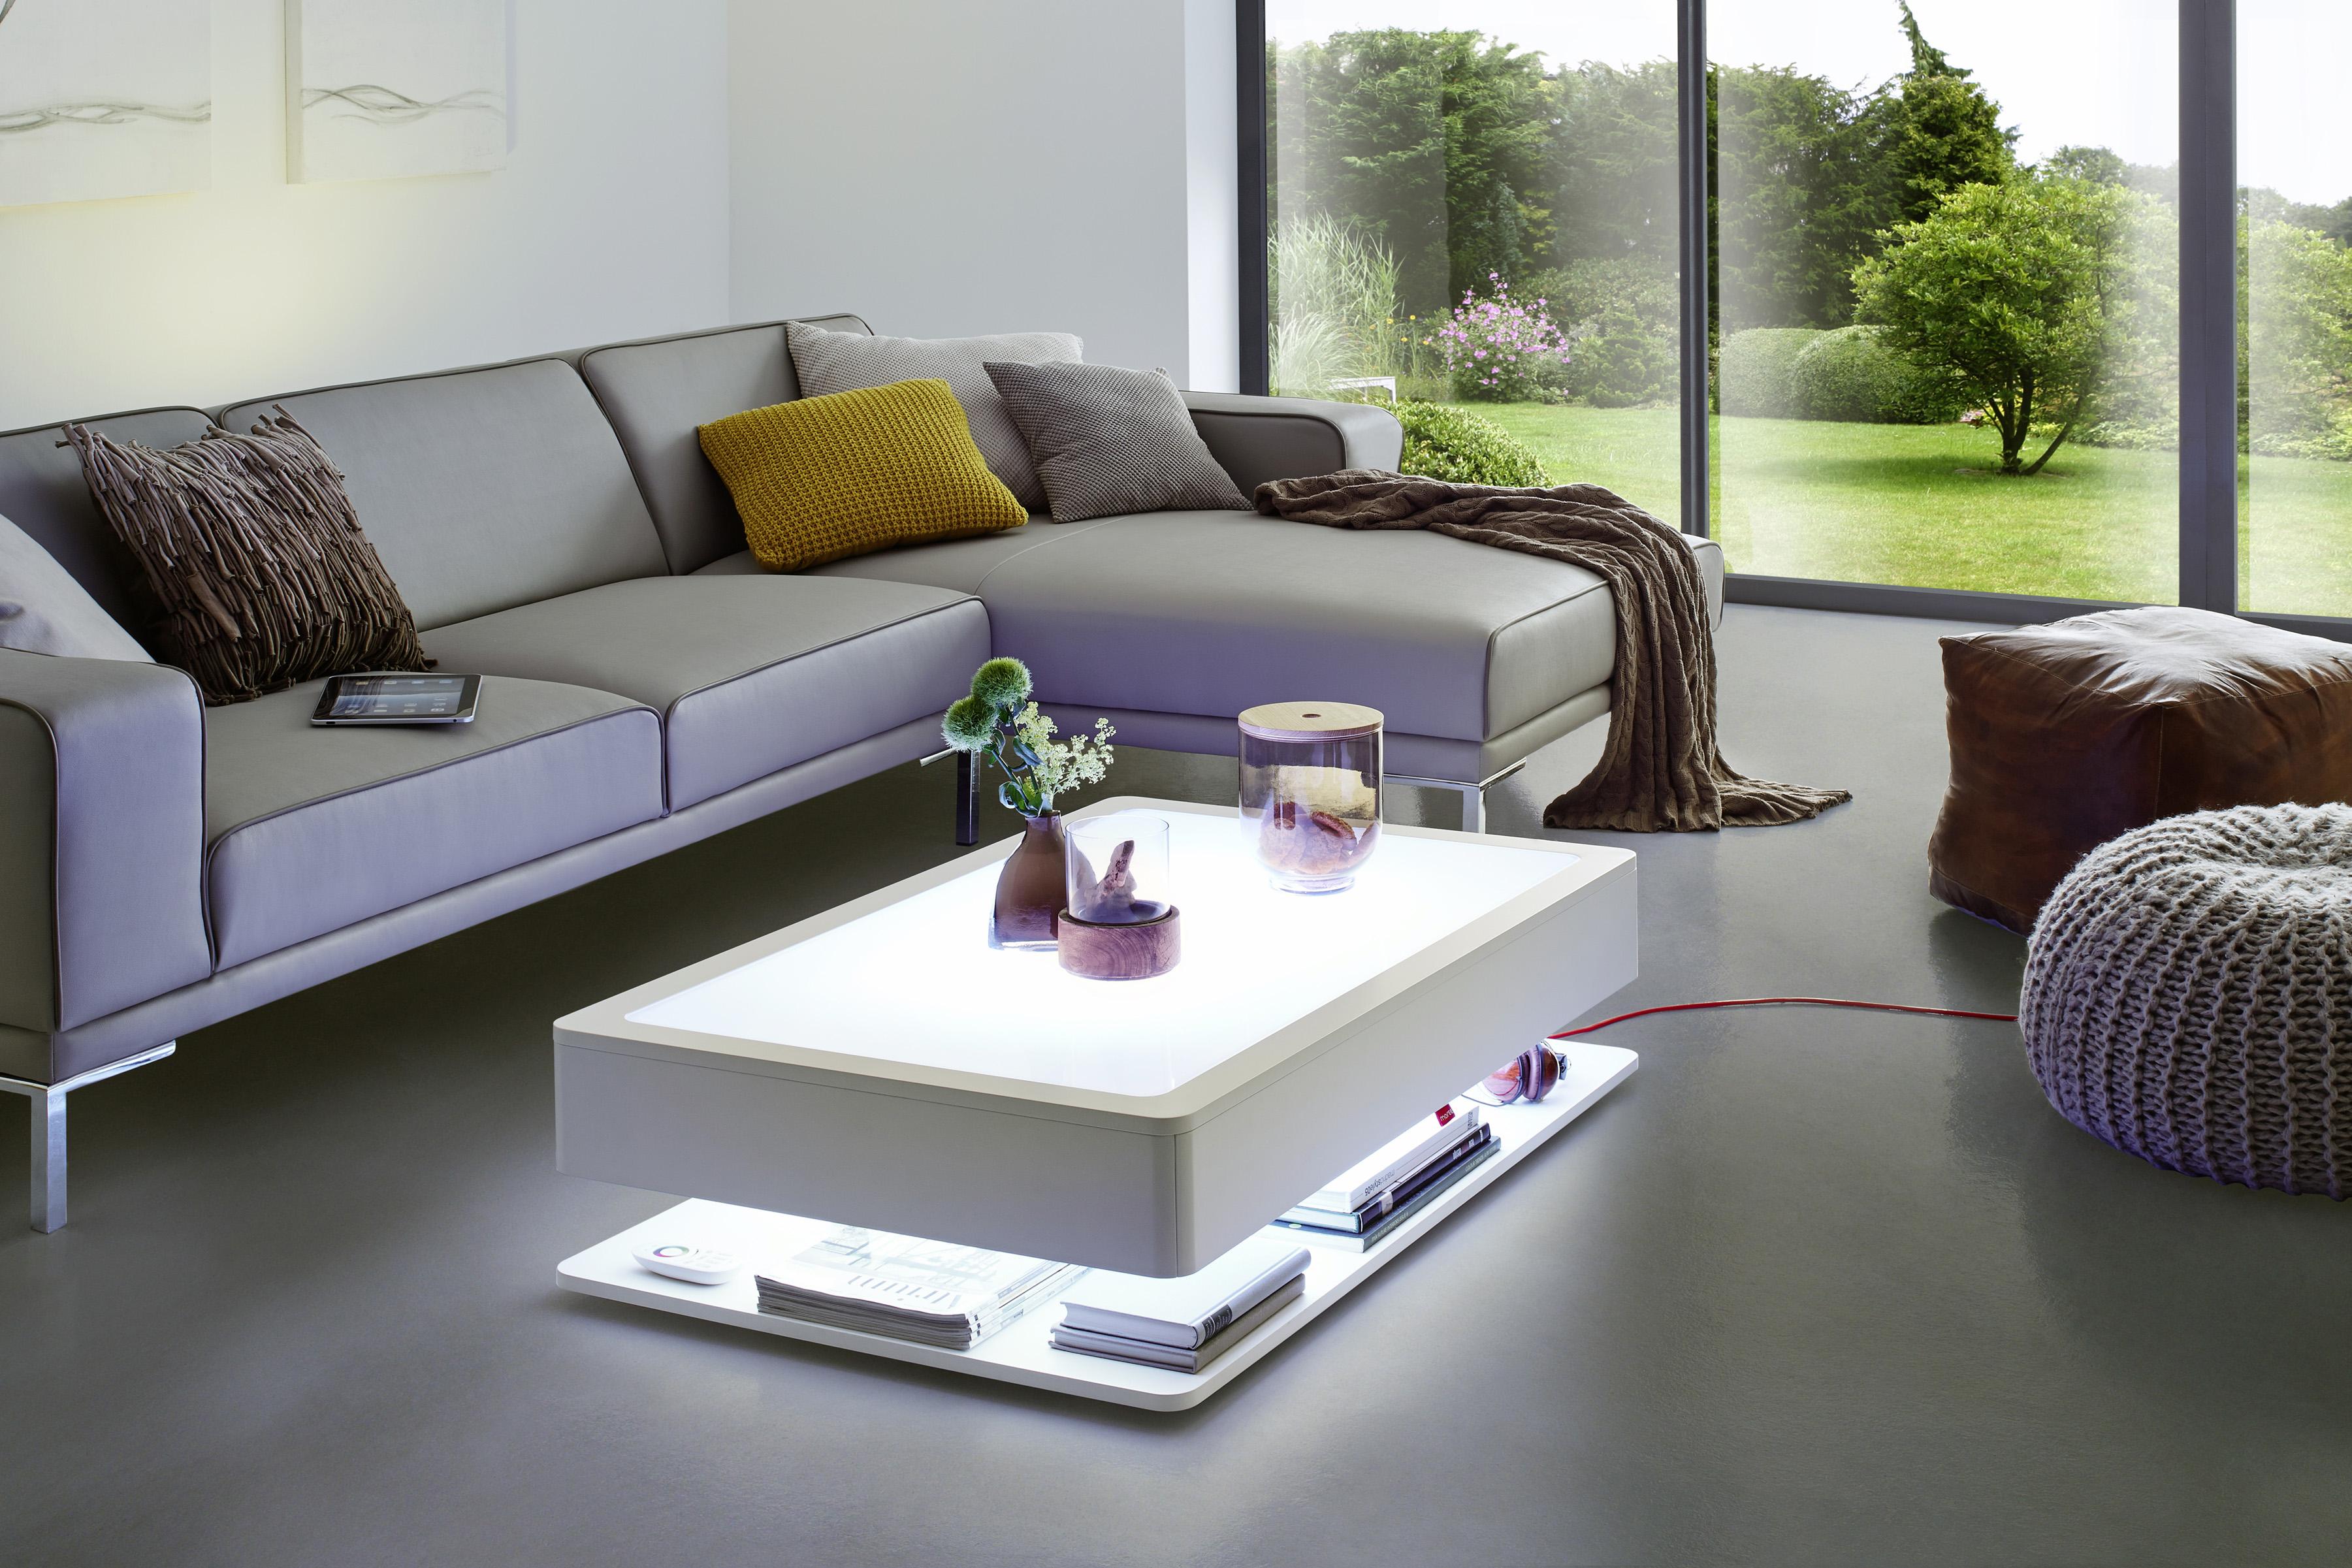 moree ora home couchtisch led beleuchtet mit stauraum. Black Bedroom Furniture Sets. Home Design Ideas